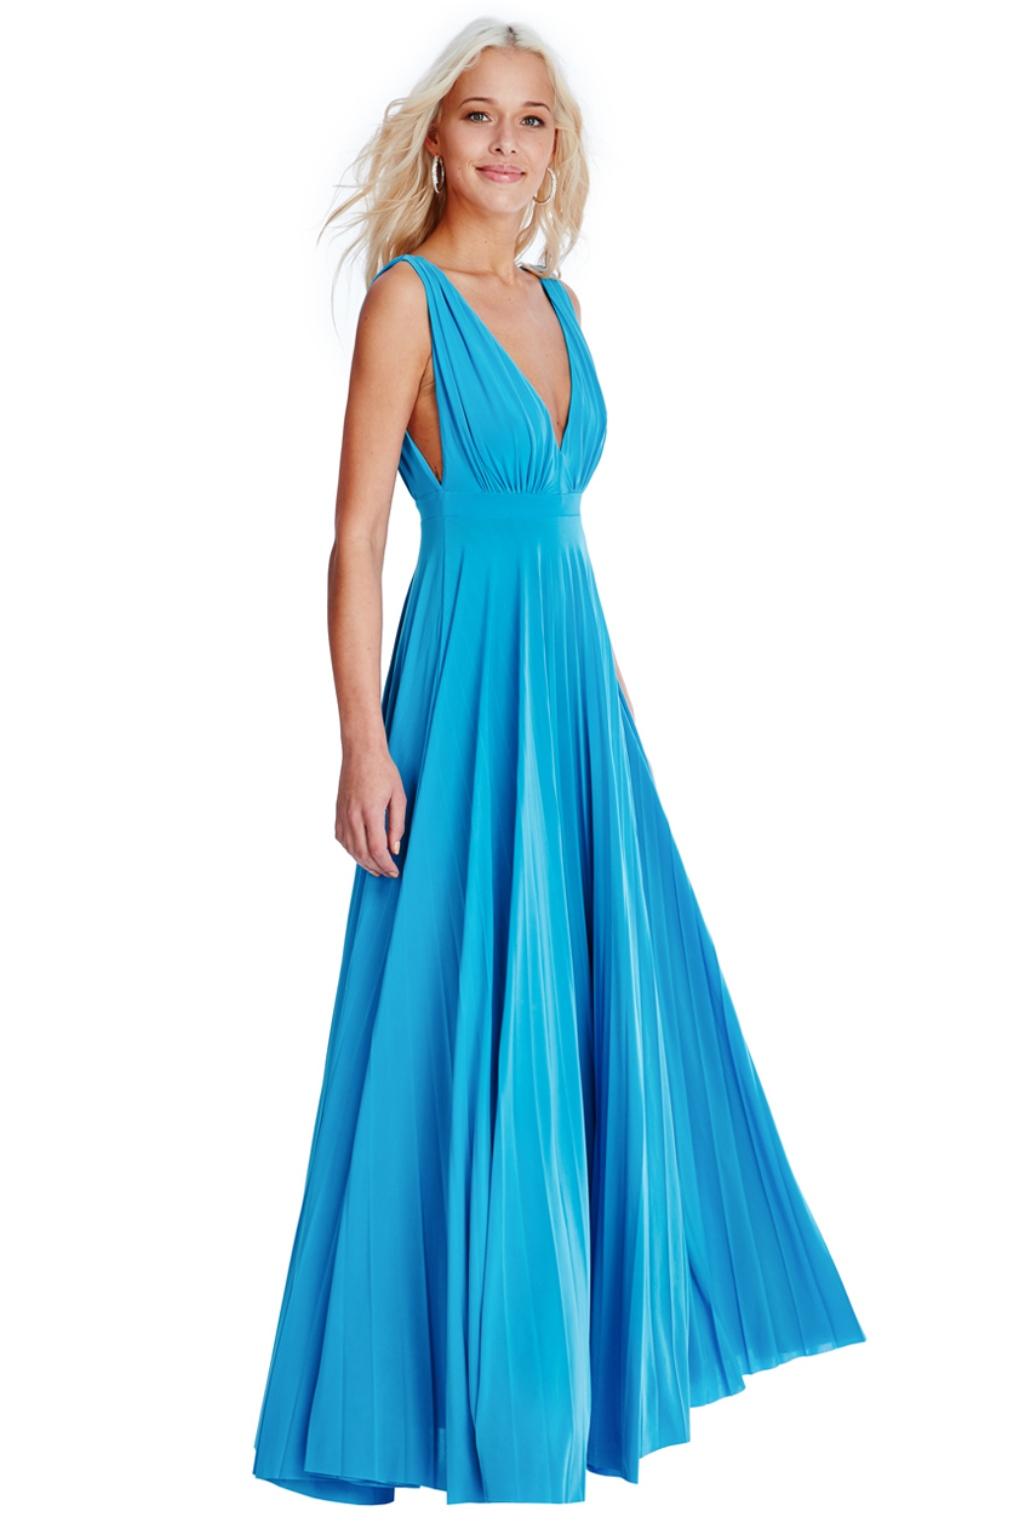 Tyrkysové spoločenské šaty s plisovanou sukňou Veľkosť: M/L